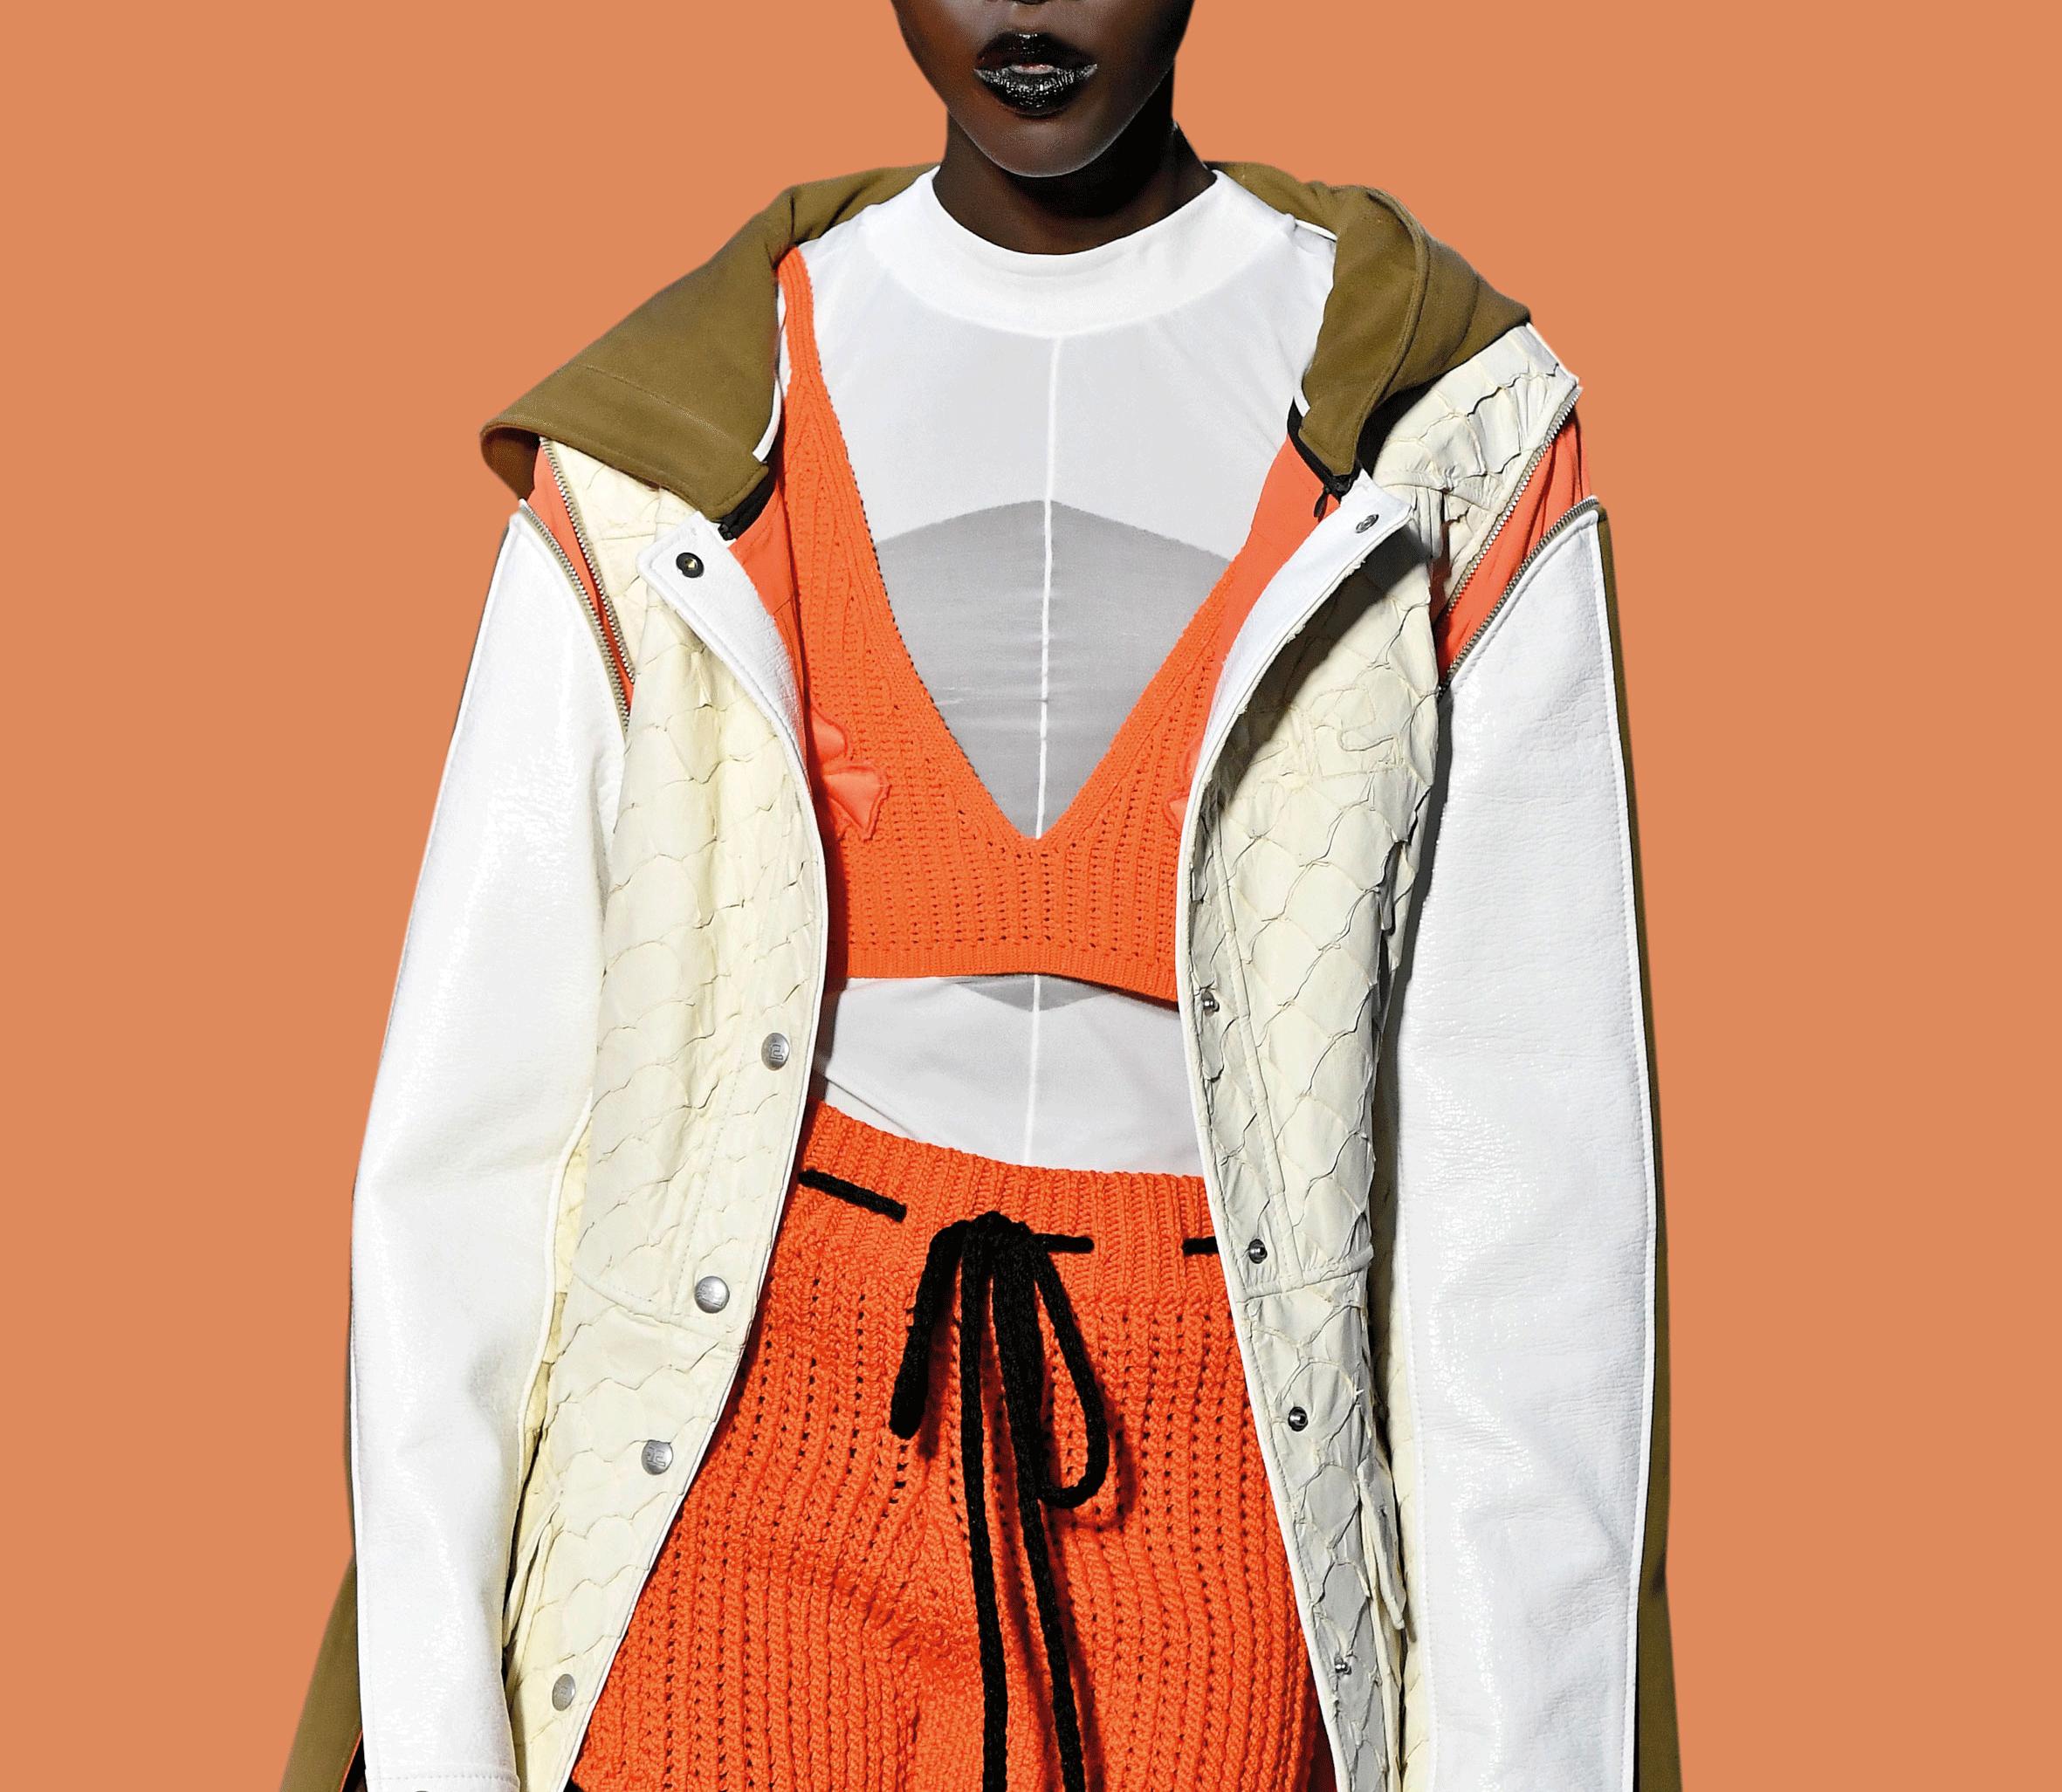 Mode nach dem neusten Trend von Courrege